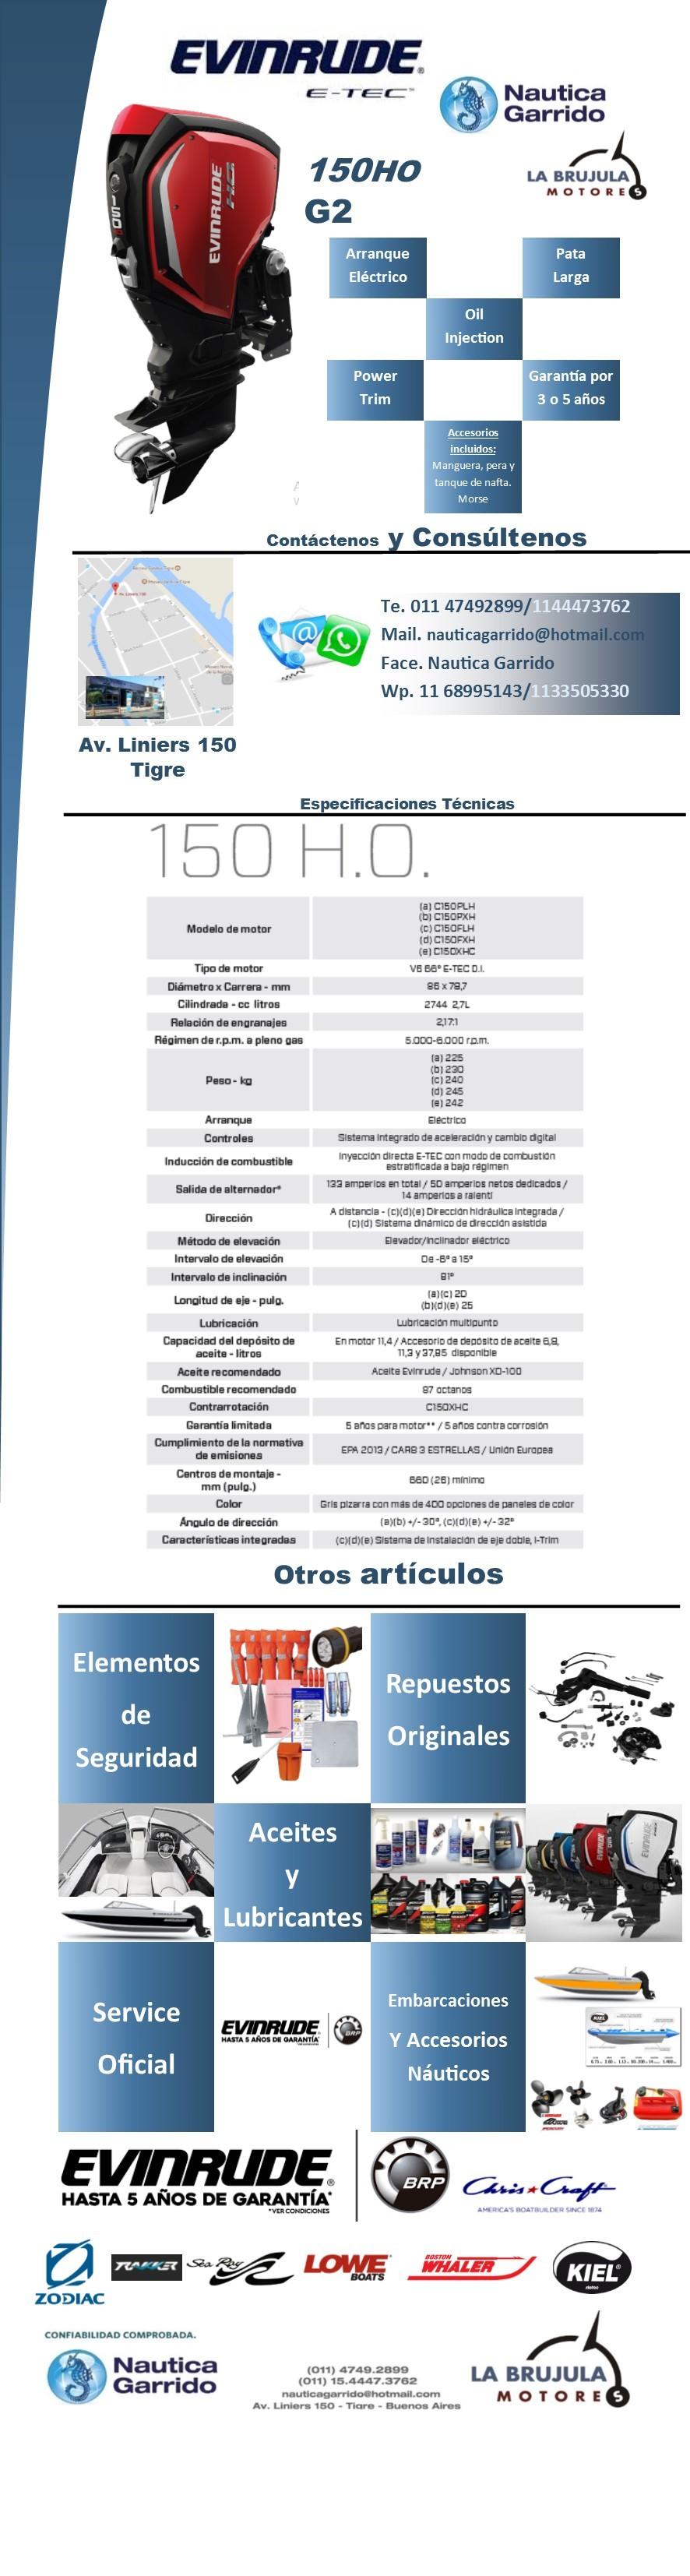 Plantilla1-descripcionevinrude150g2ho.jpg